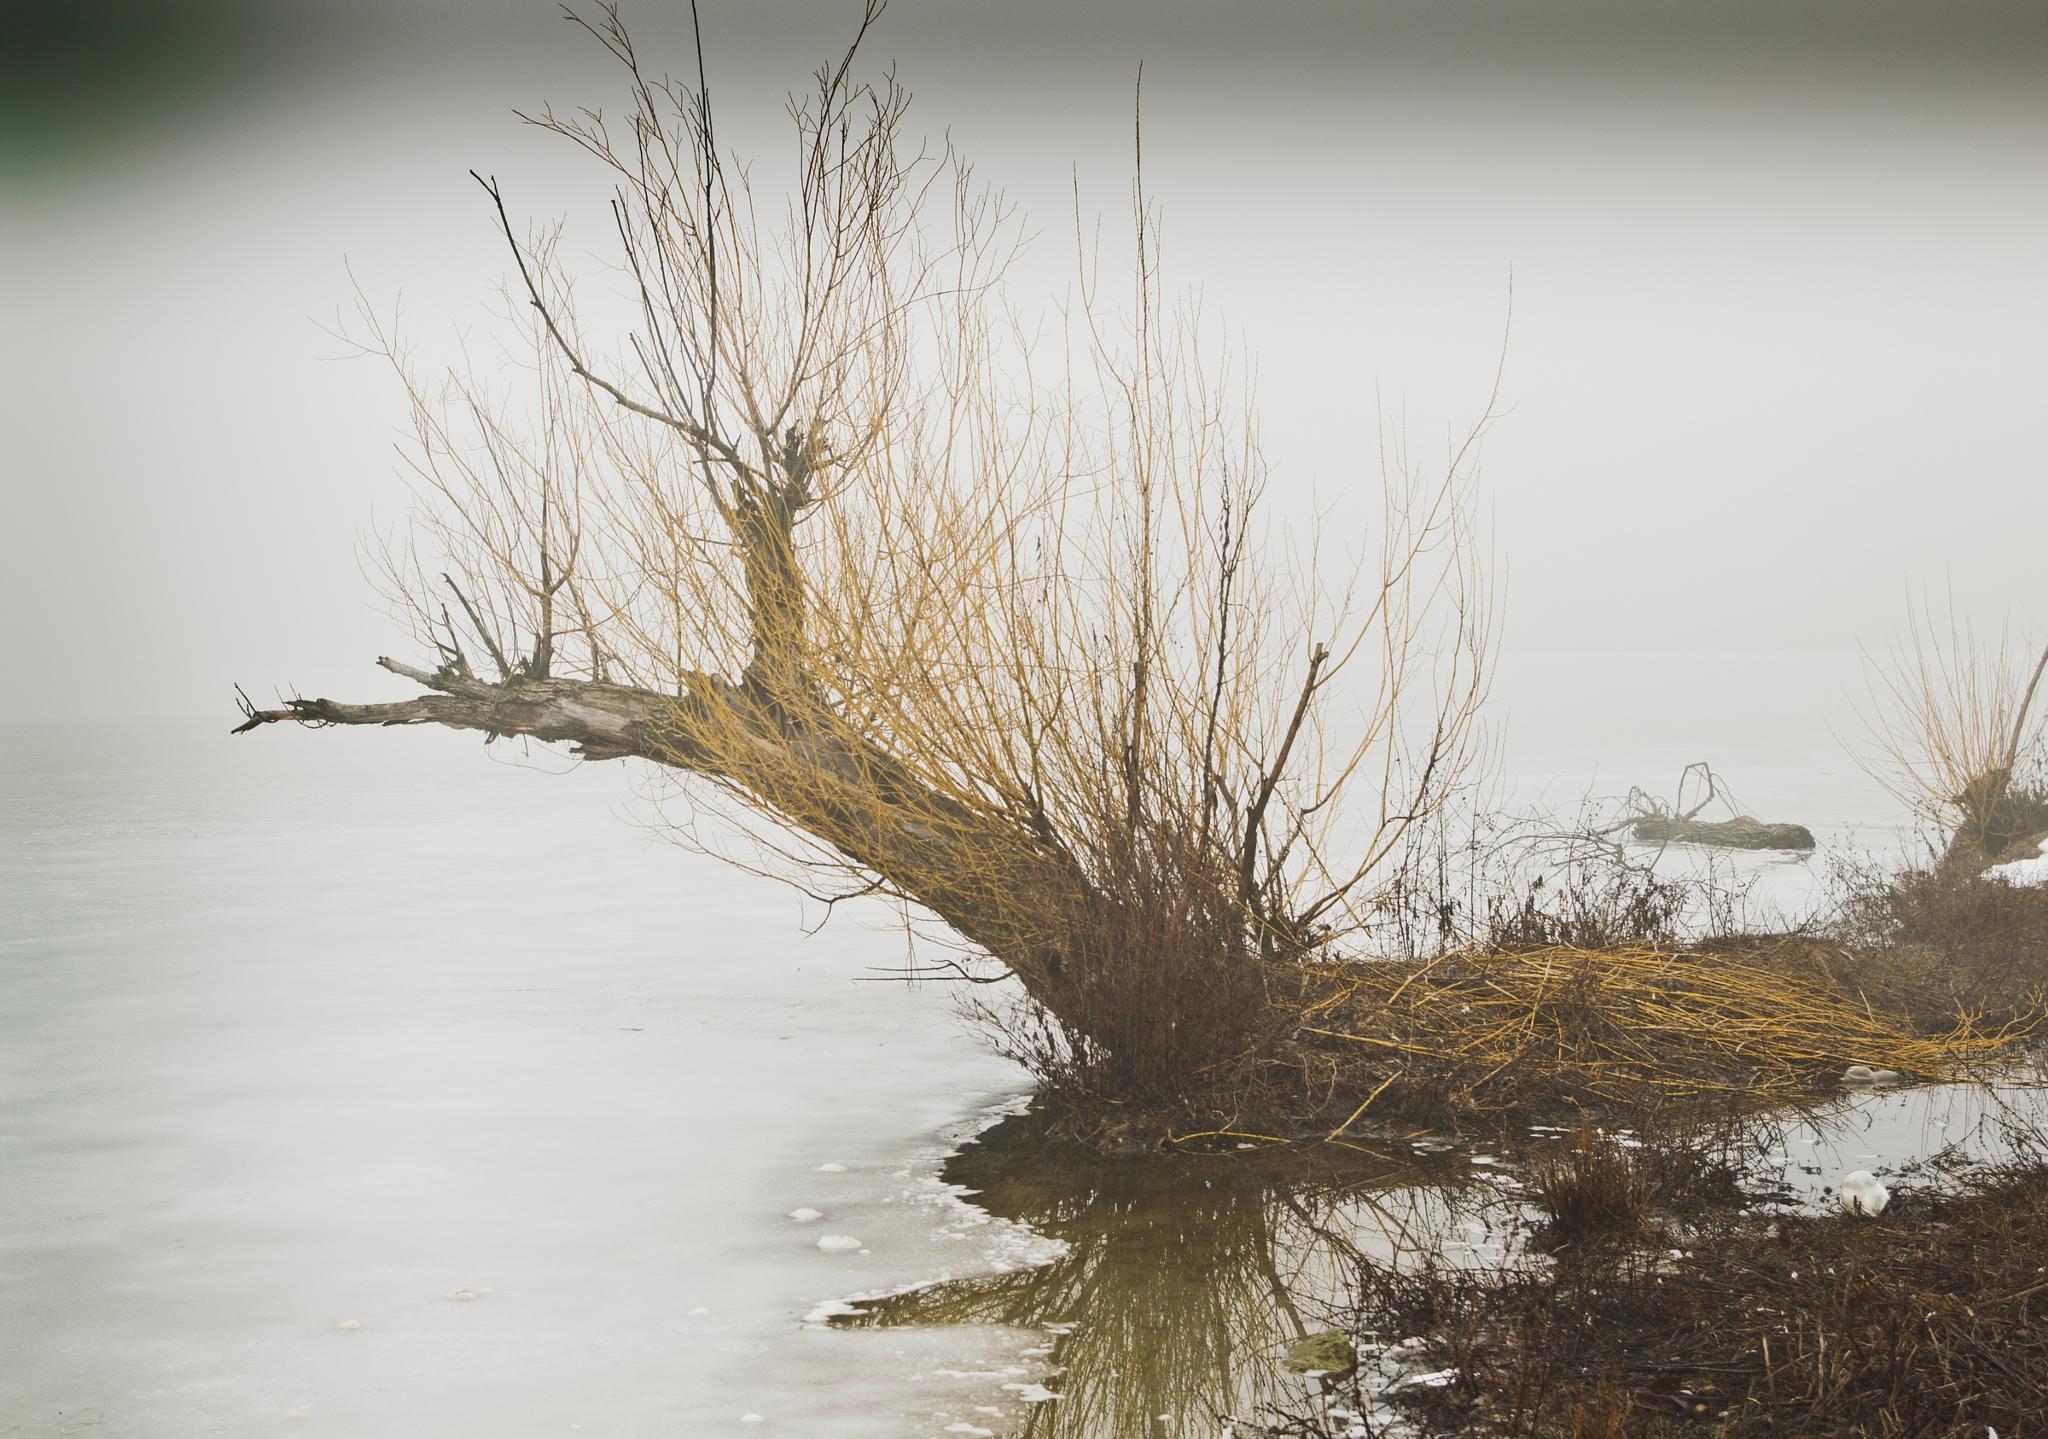 Solitude by Dan Cristian